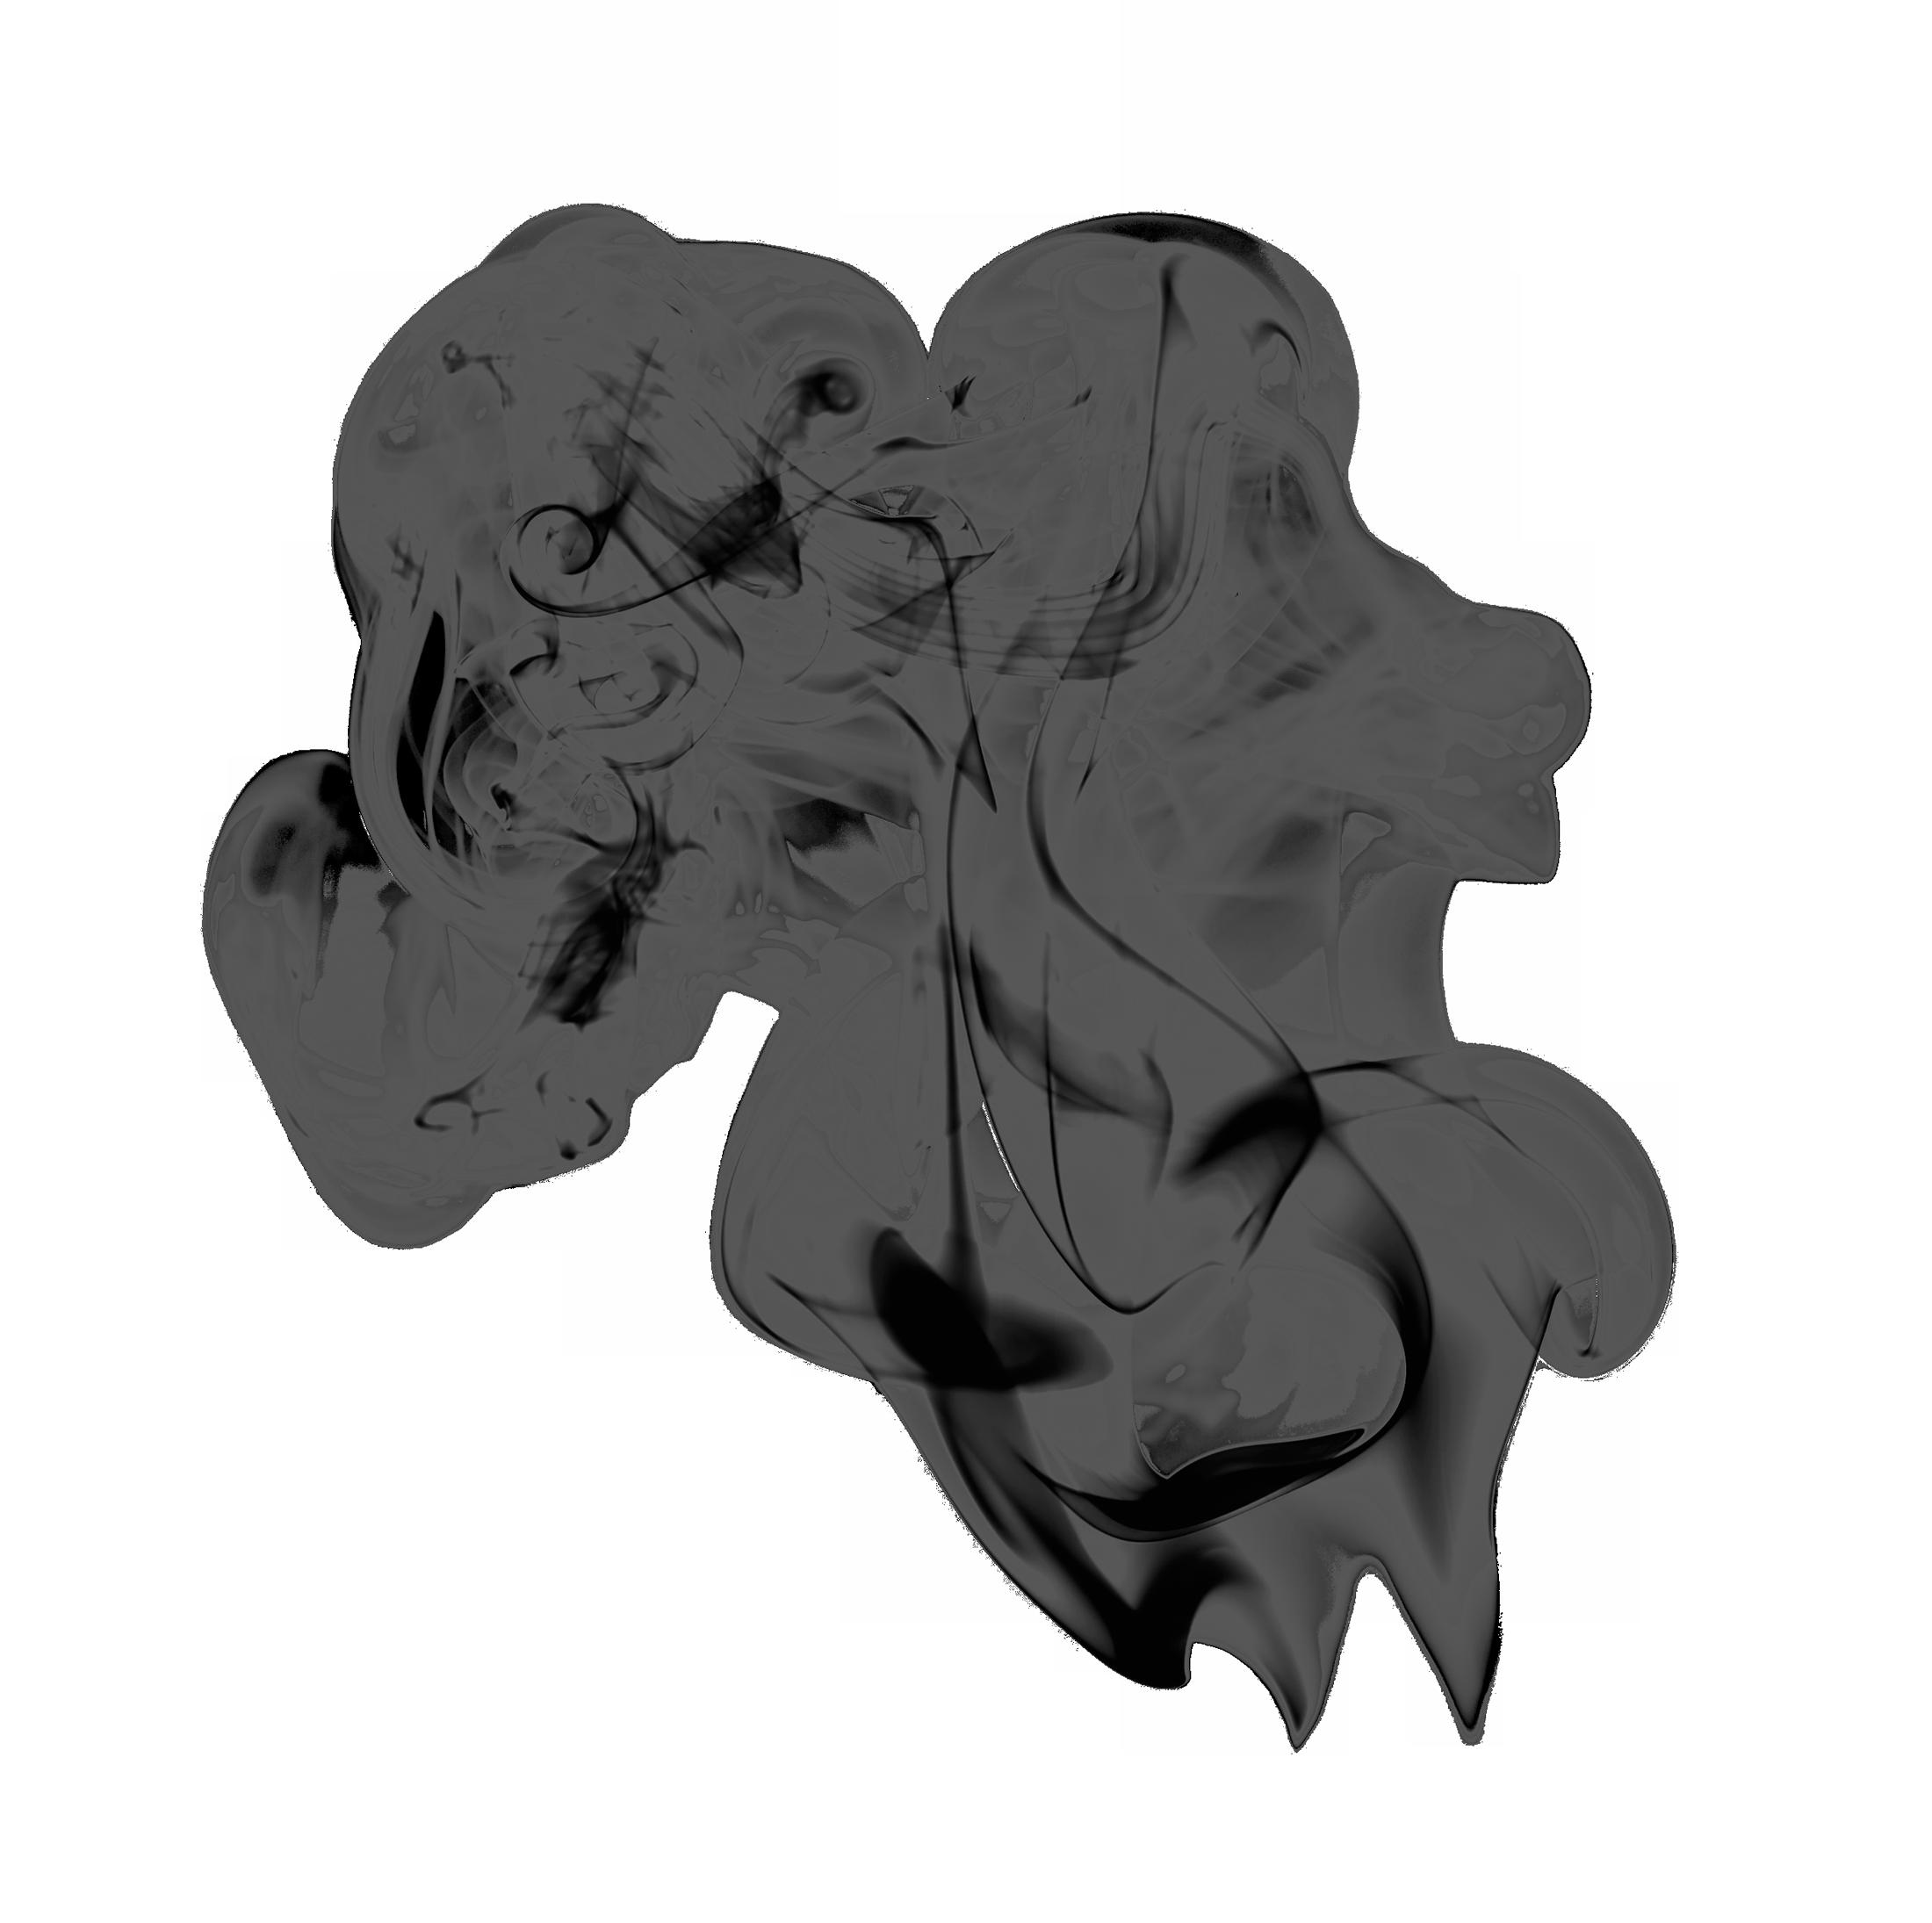 Black Smoke PNG Image - PurePNG | Free transparent CC0 PNG ...